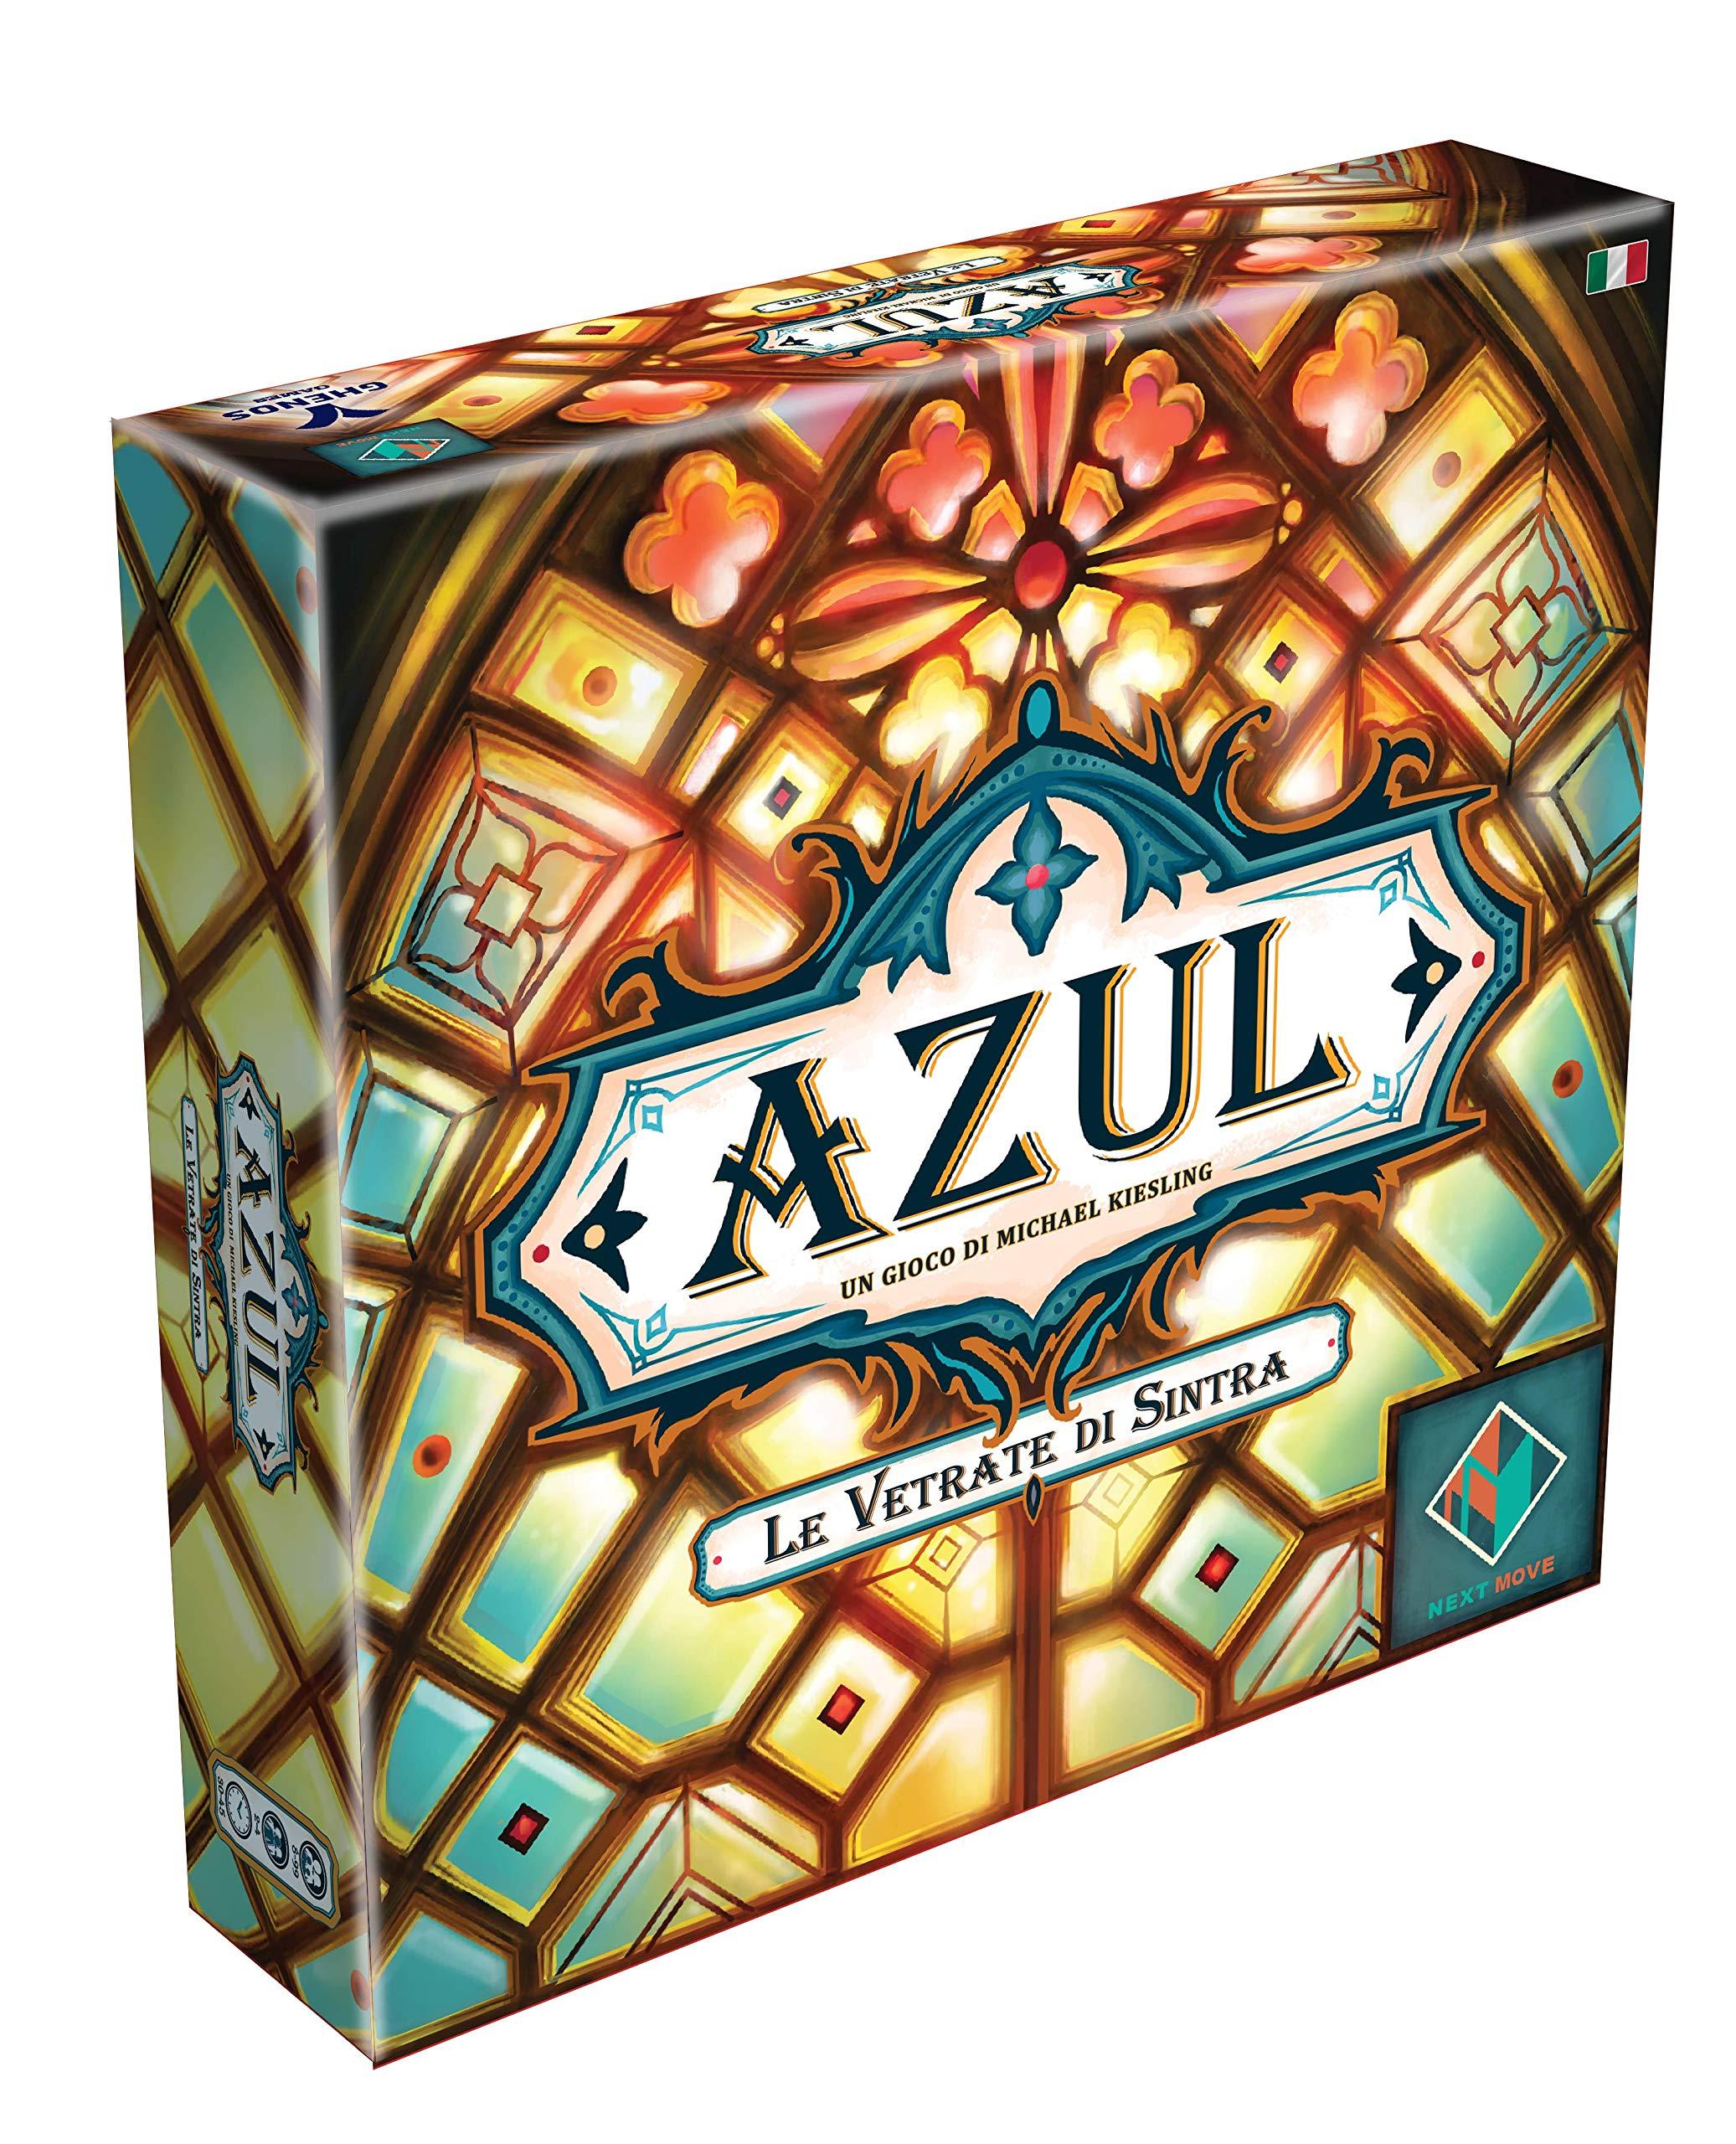 Ghenos Games GHE107 Azul-Le Vetrate di Sintra - Juego de Mesa: Amazon.es: Juguetes y juegos